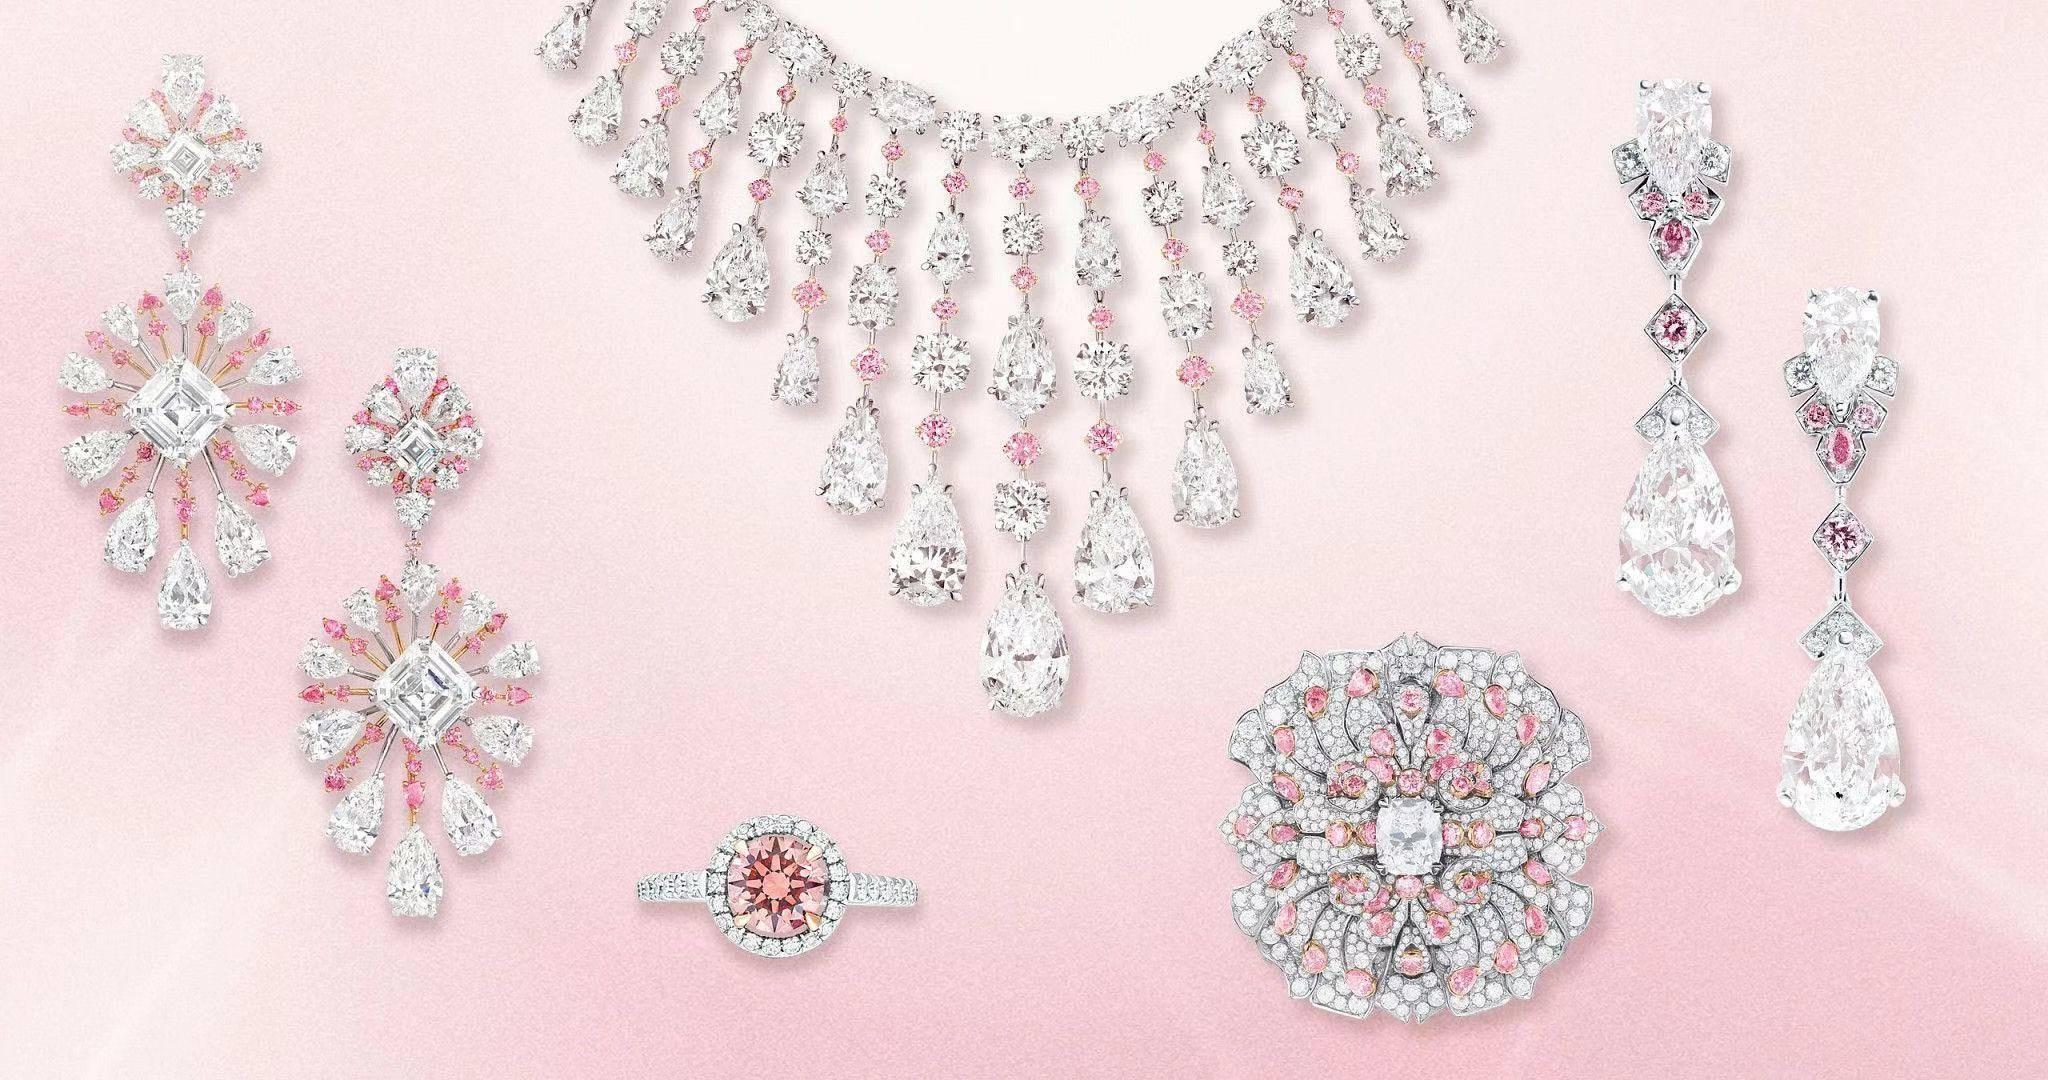 """14克拉钻石破纪录卖出上亿天价?富豪们为何愿为""""她""""一掷千金"""